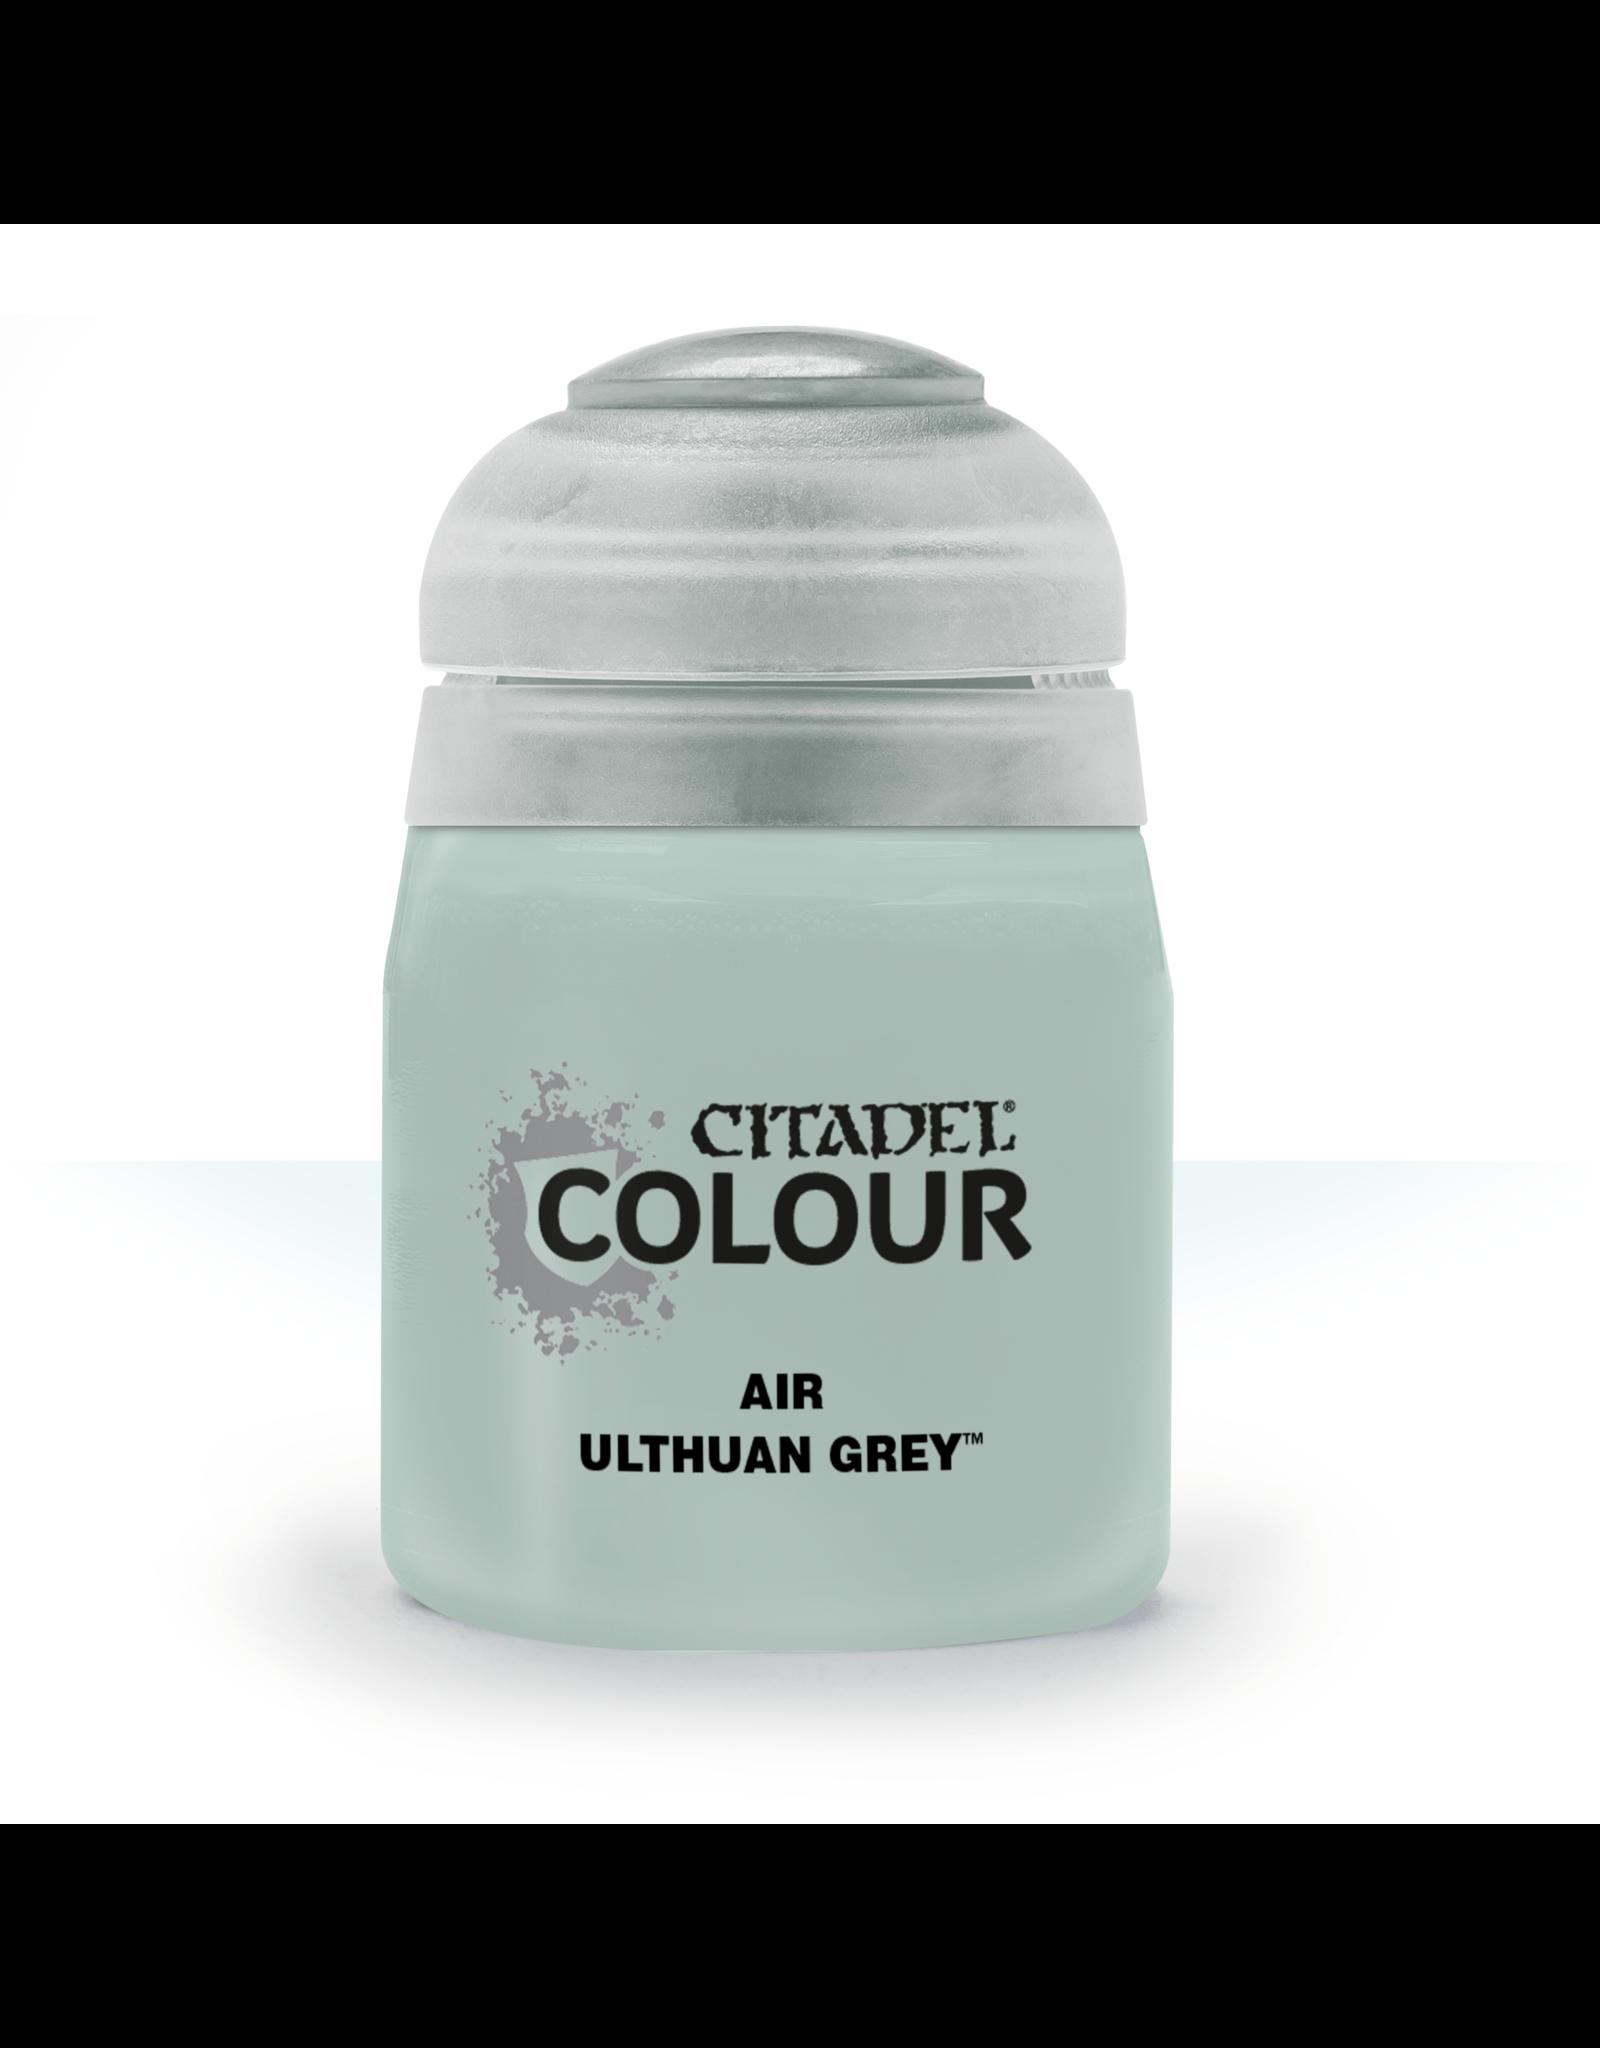 Citadel Citadel Paints: Air - Ulthuan Grey